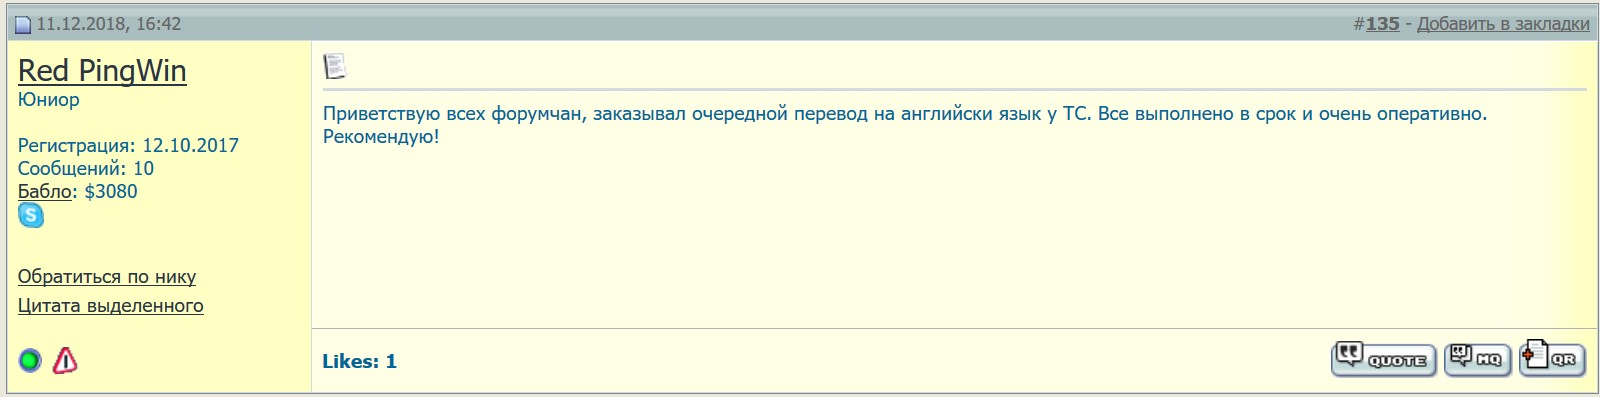 Перевод рекламного текста с русского на английский язык